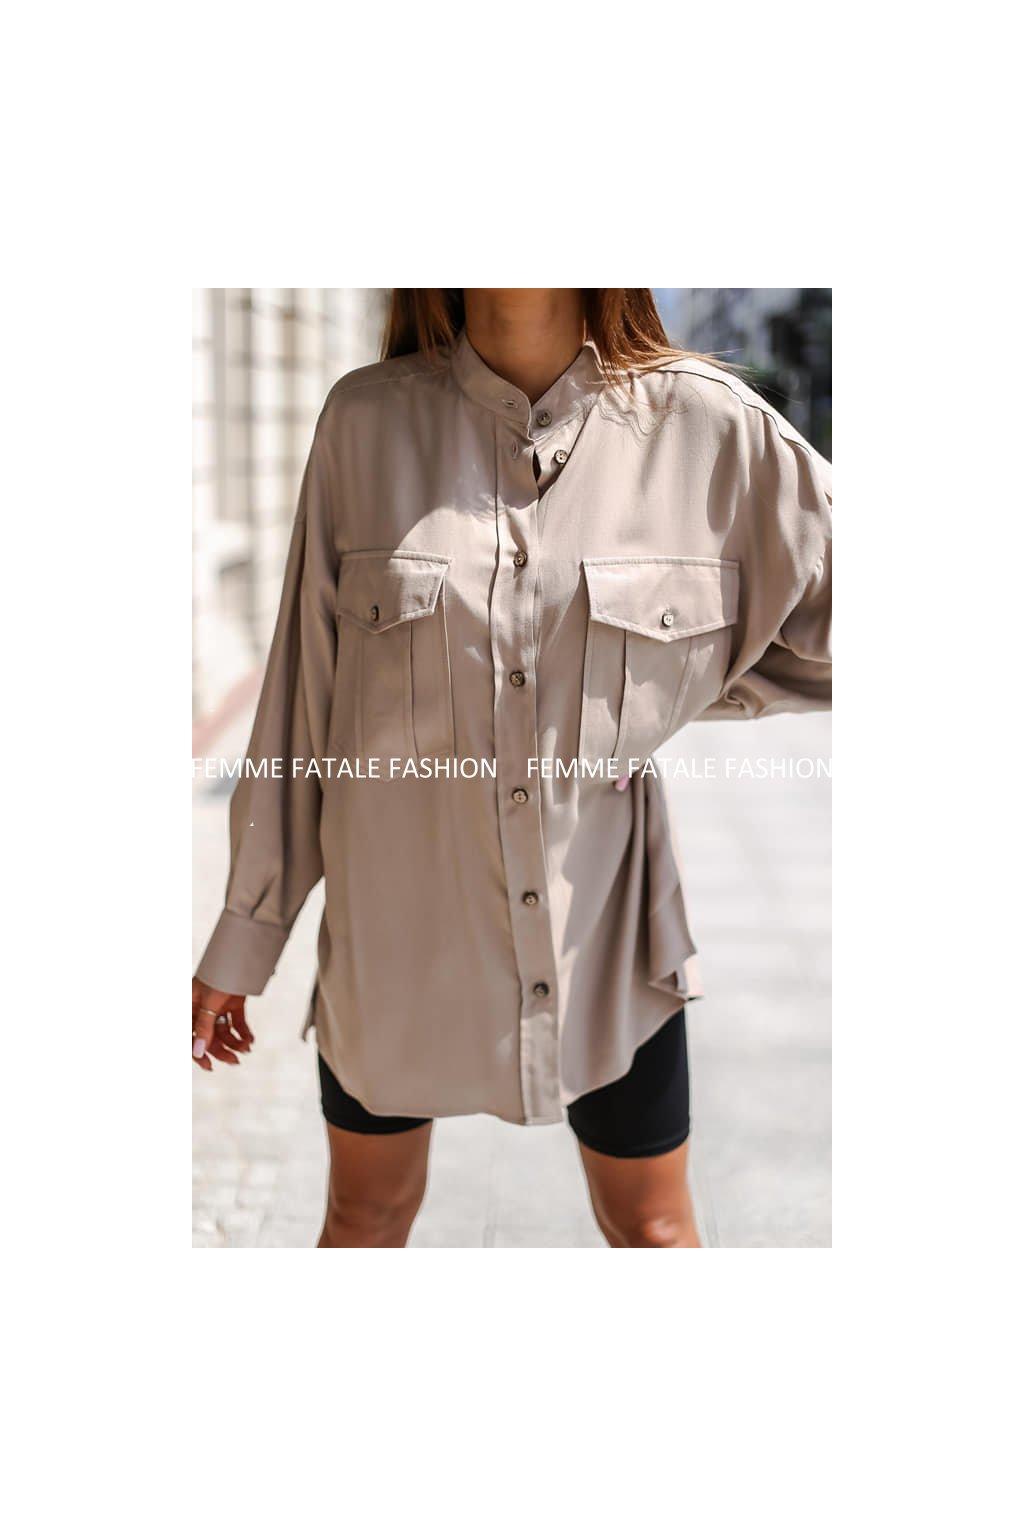 Dámská oversize košile POCKET femmefatalefashion (2)